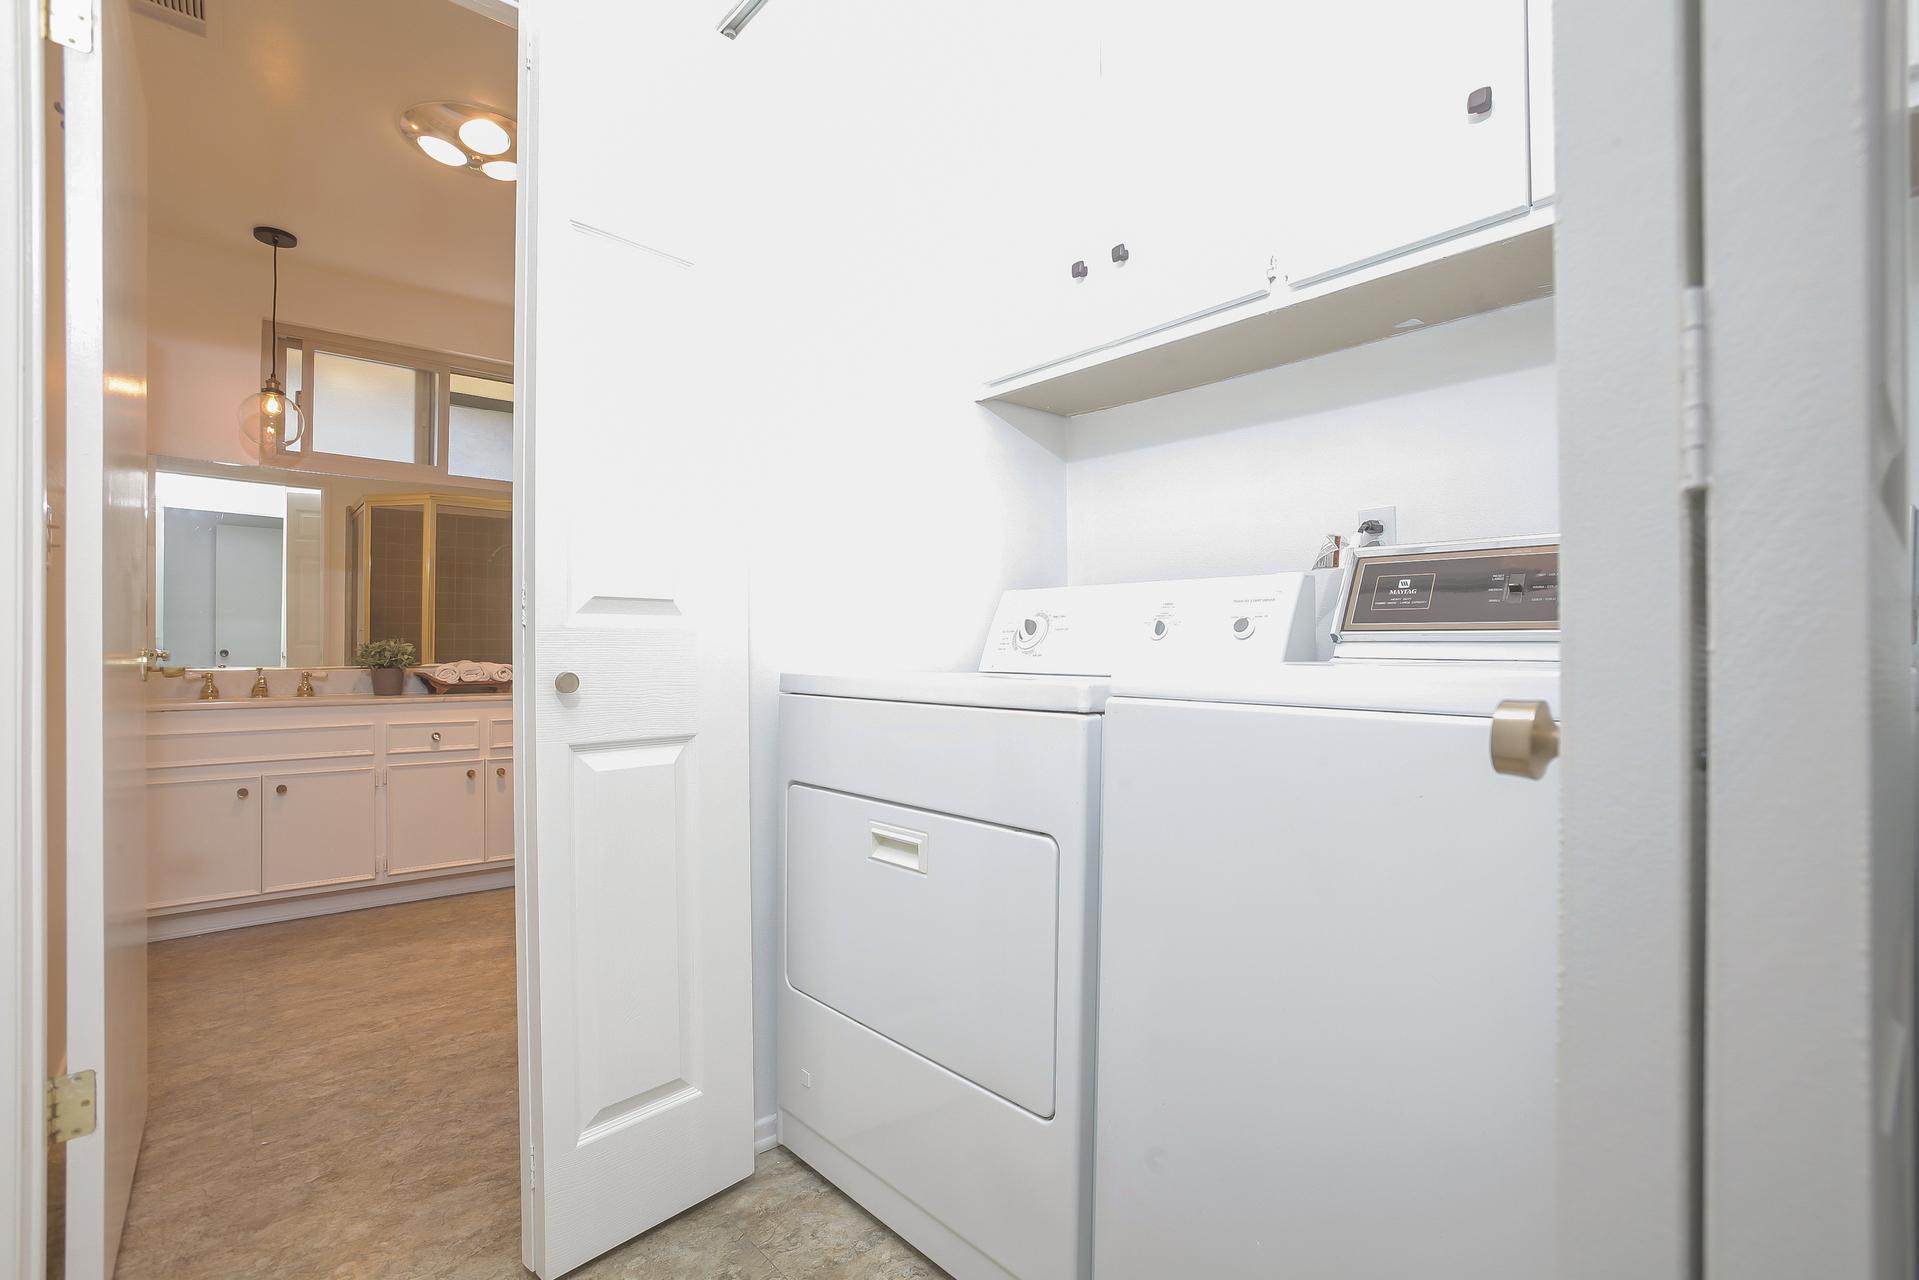 026-Laundry_Room-4443101-medium.jpg